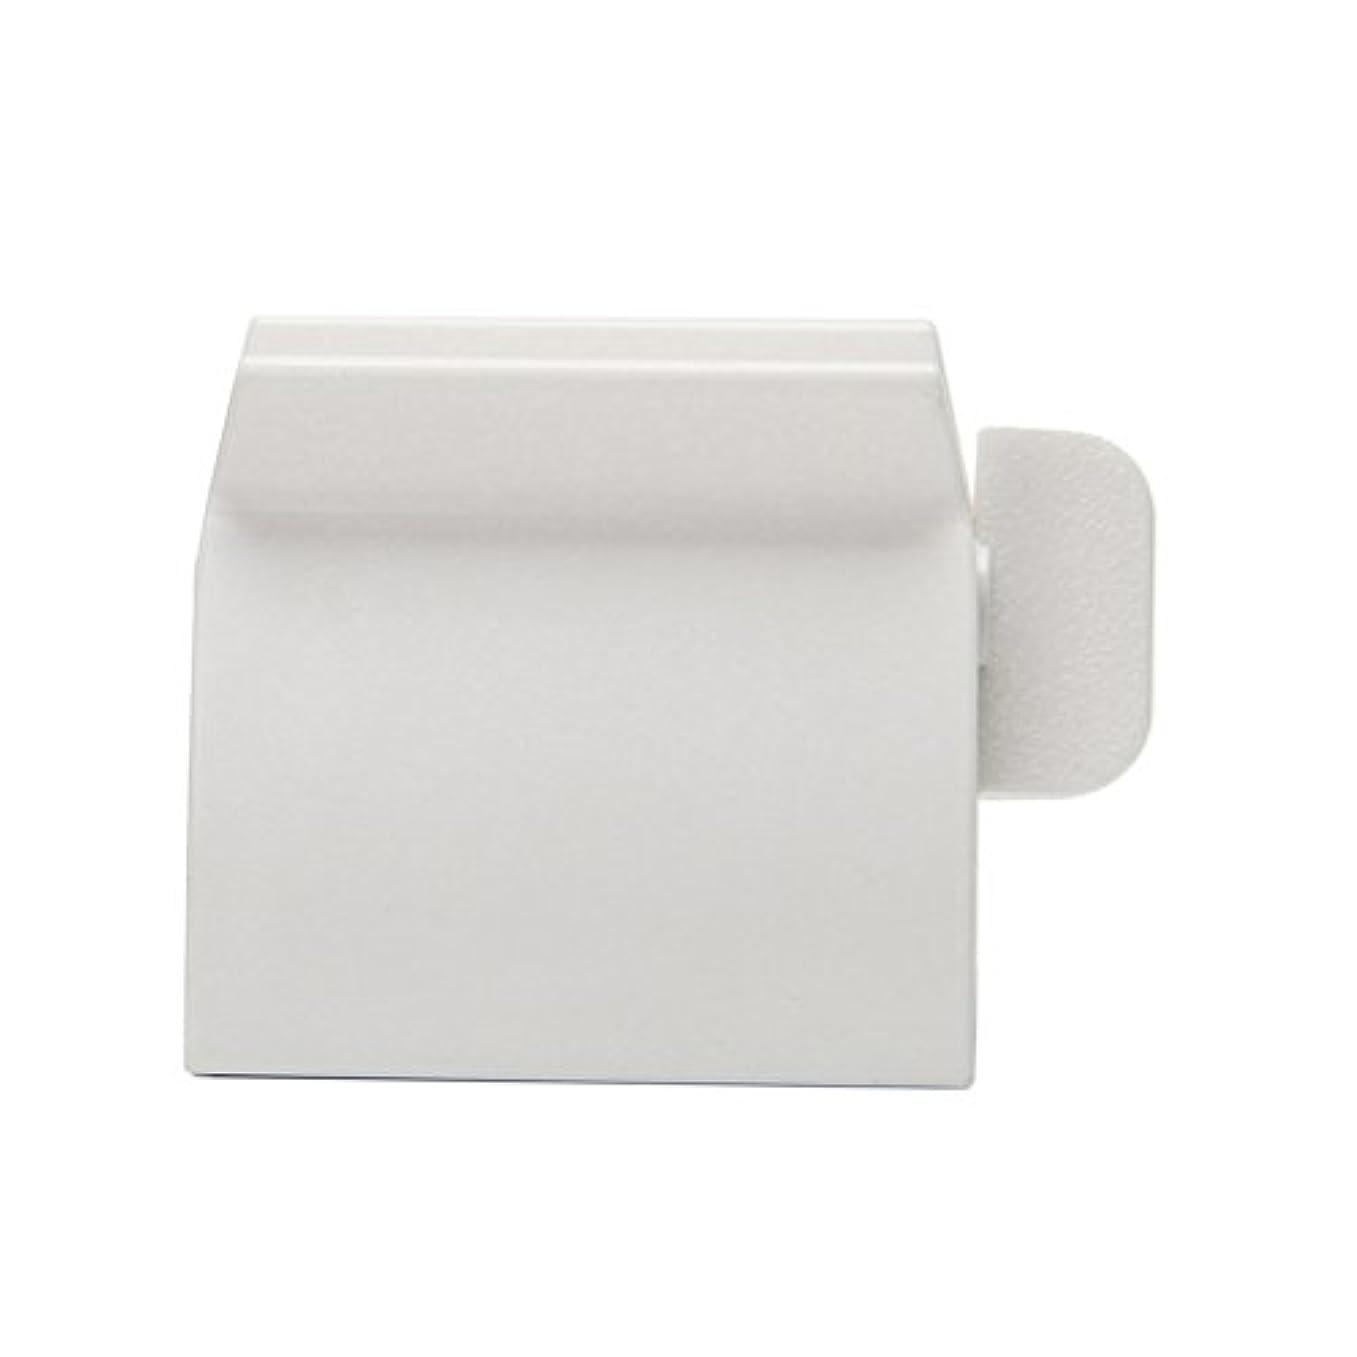 冷蔵庫一口喪Lamdoo浴室ホームチューブローリングホルダースクイーザ簡単歯磨き粉ディスペンサー